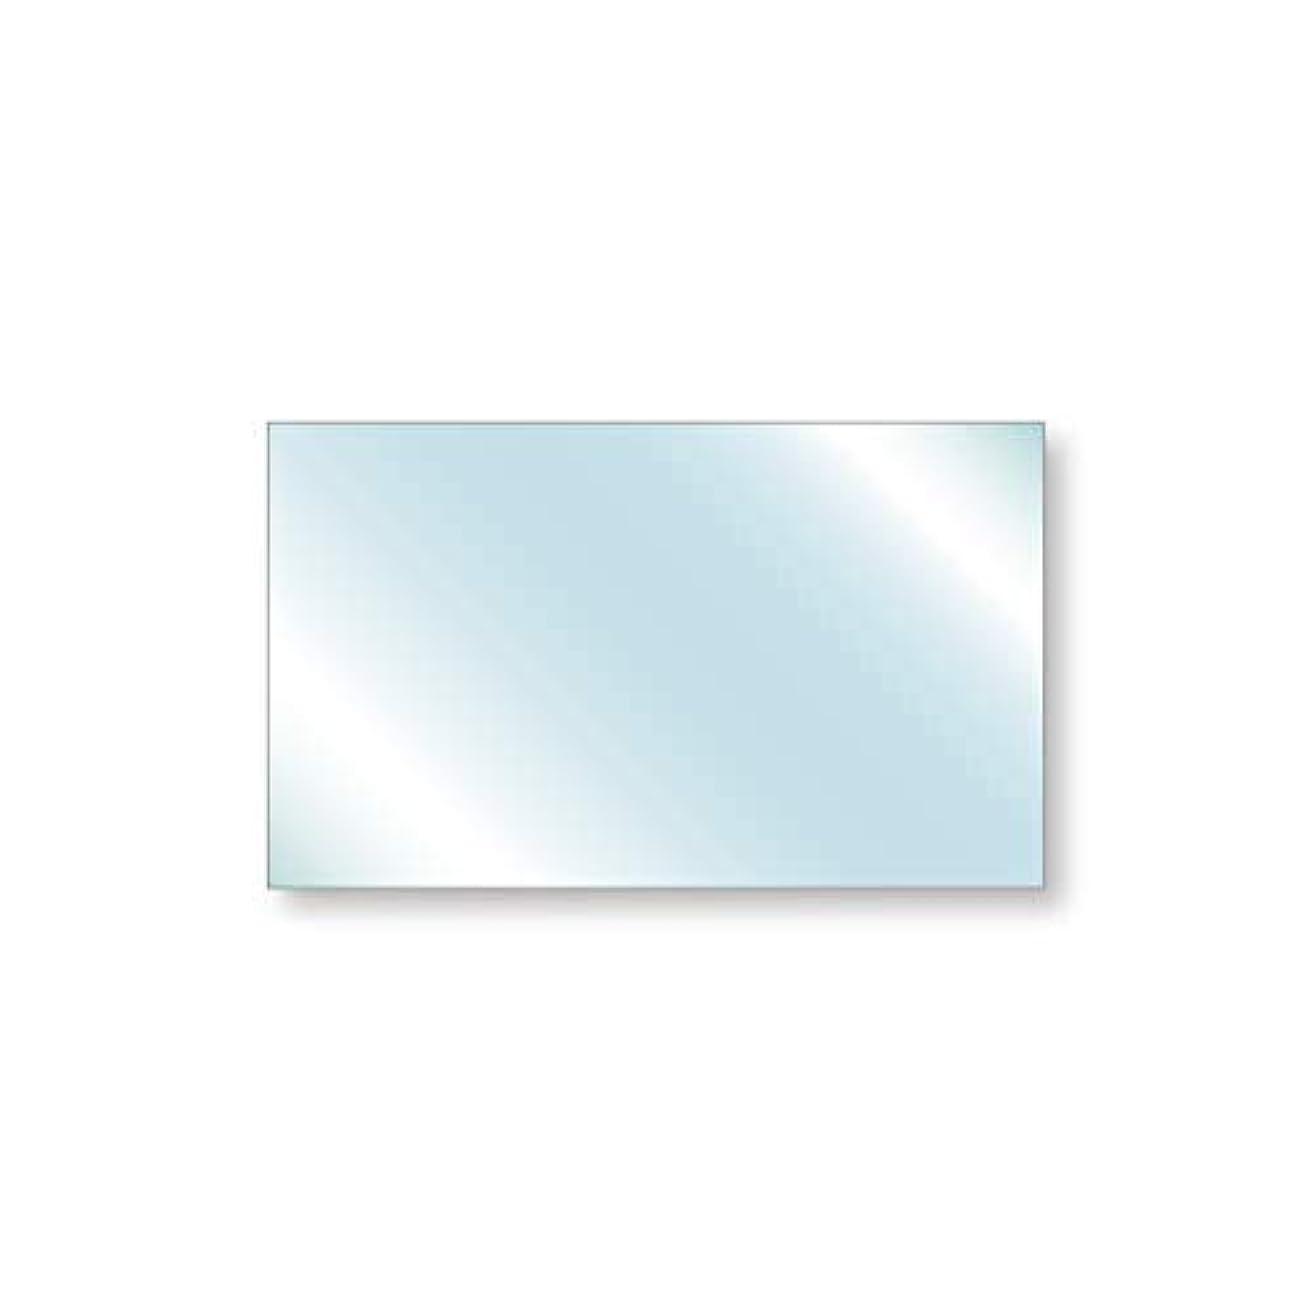 倒産適格ハイライト無反射ガラス 反射防止ガラス(ノングレアS) 厚み2mm 500×300mm 四角形 糸面取り加工 サイズオーダー対応